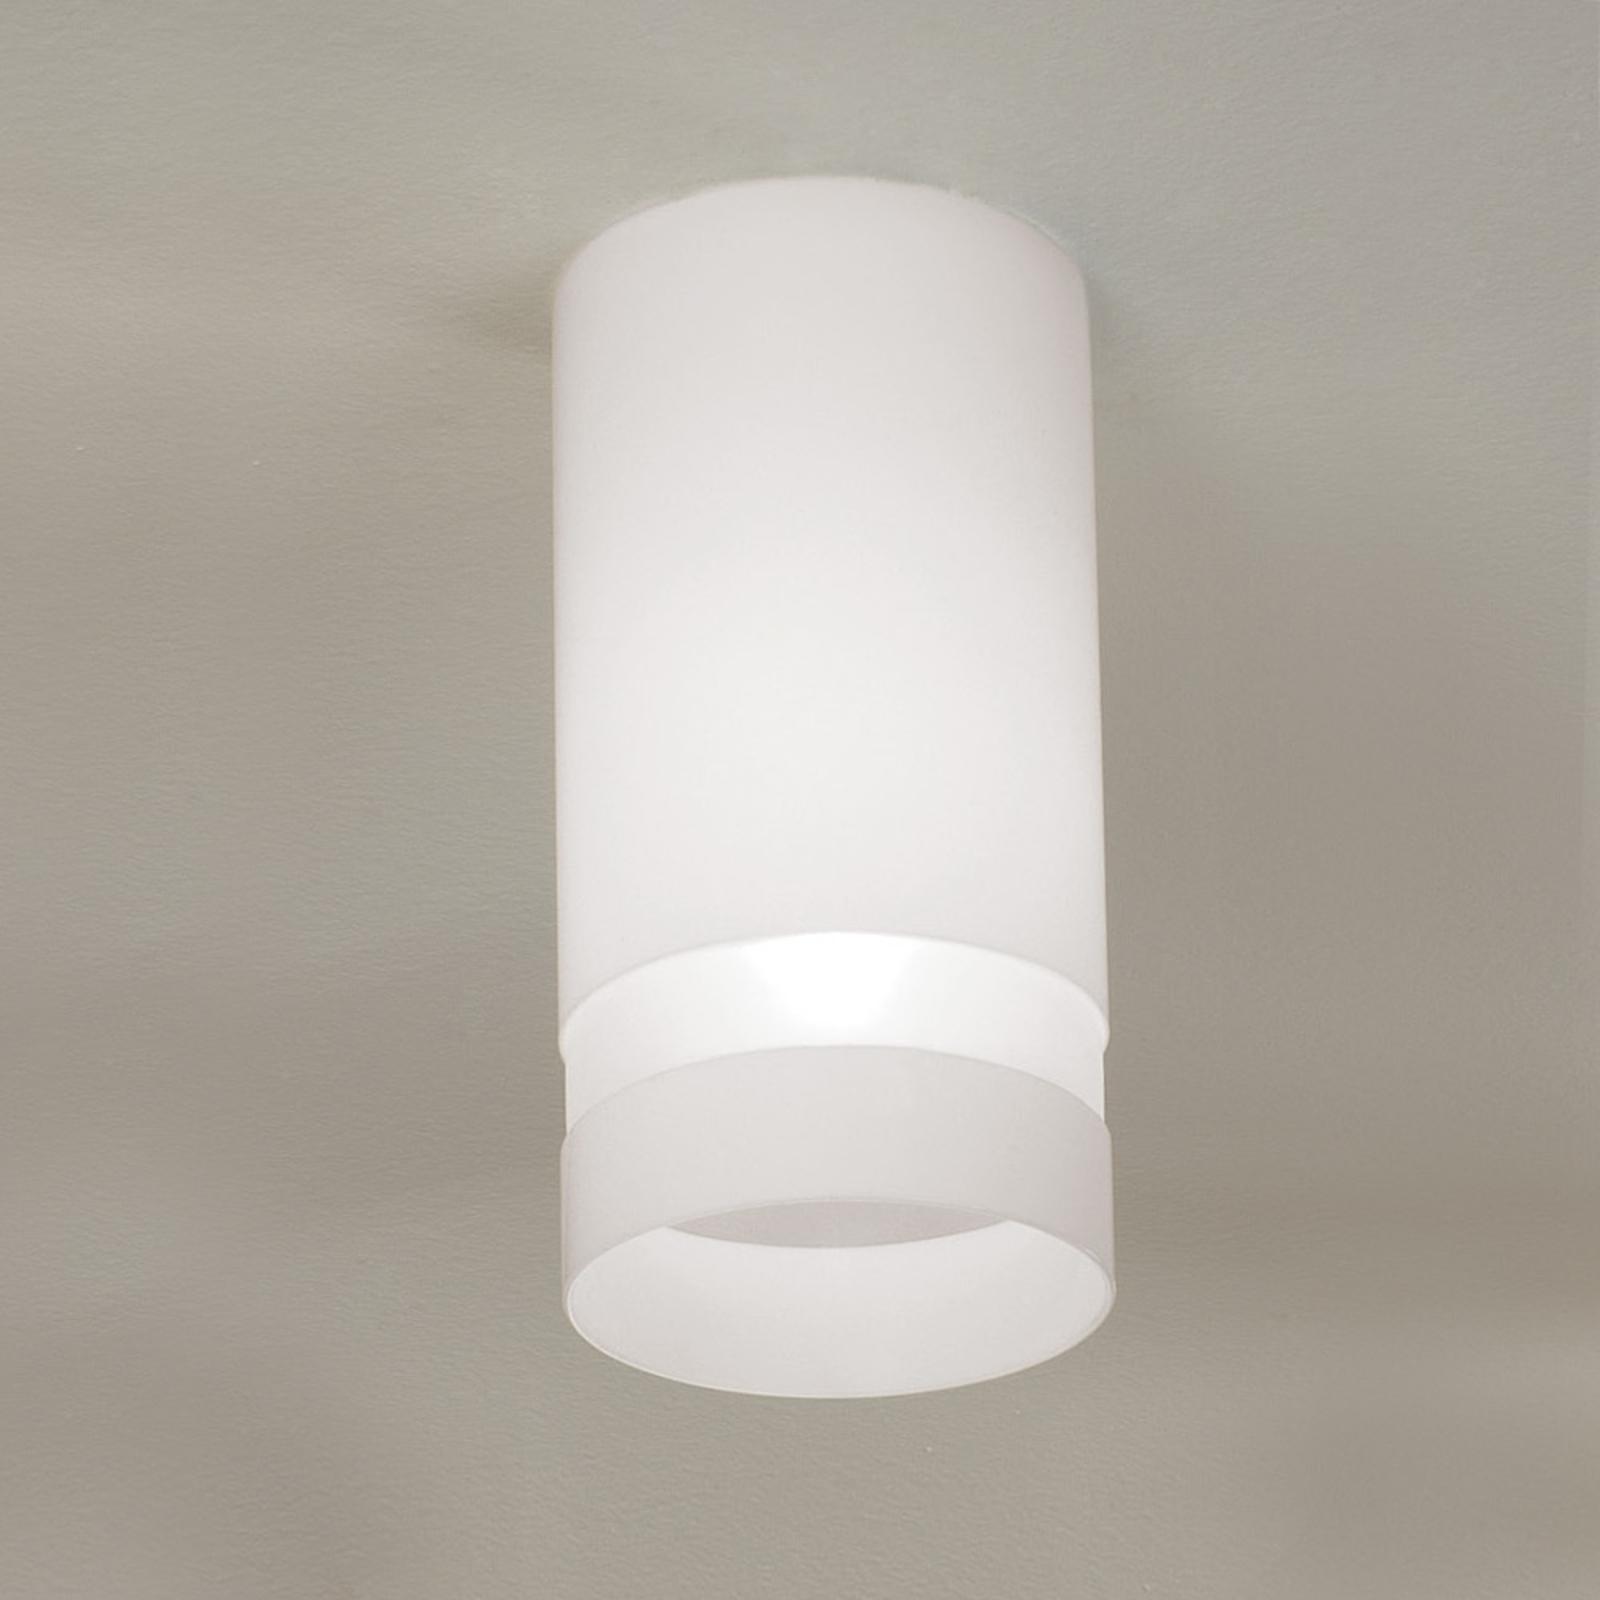 Biała lampa sufitowa Otello